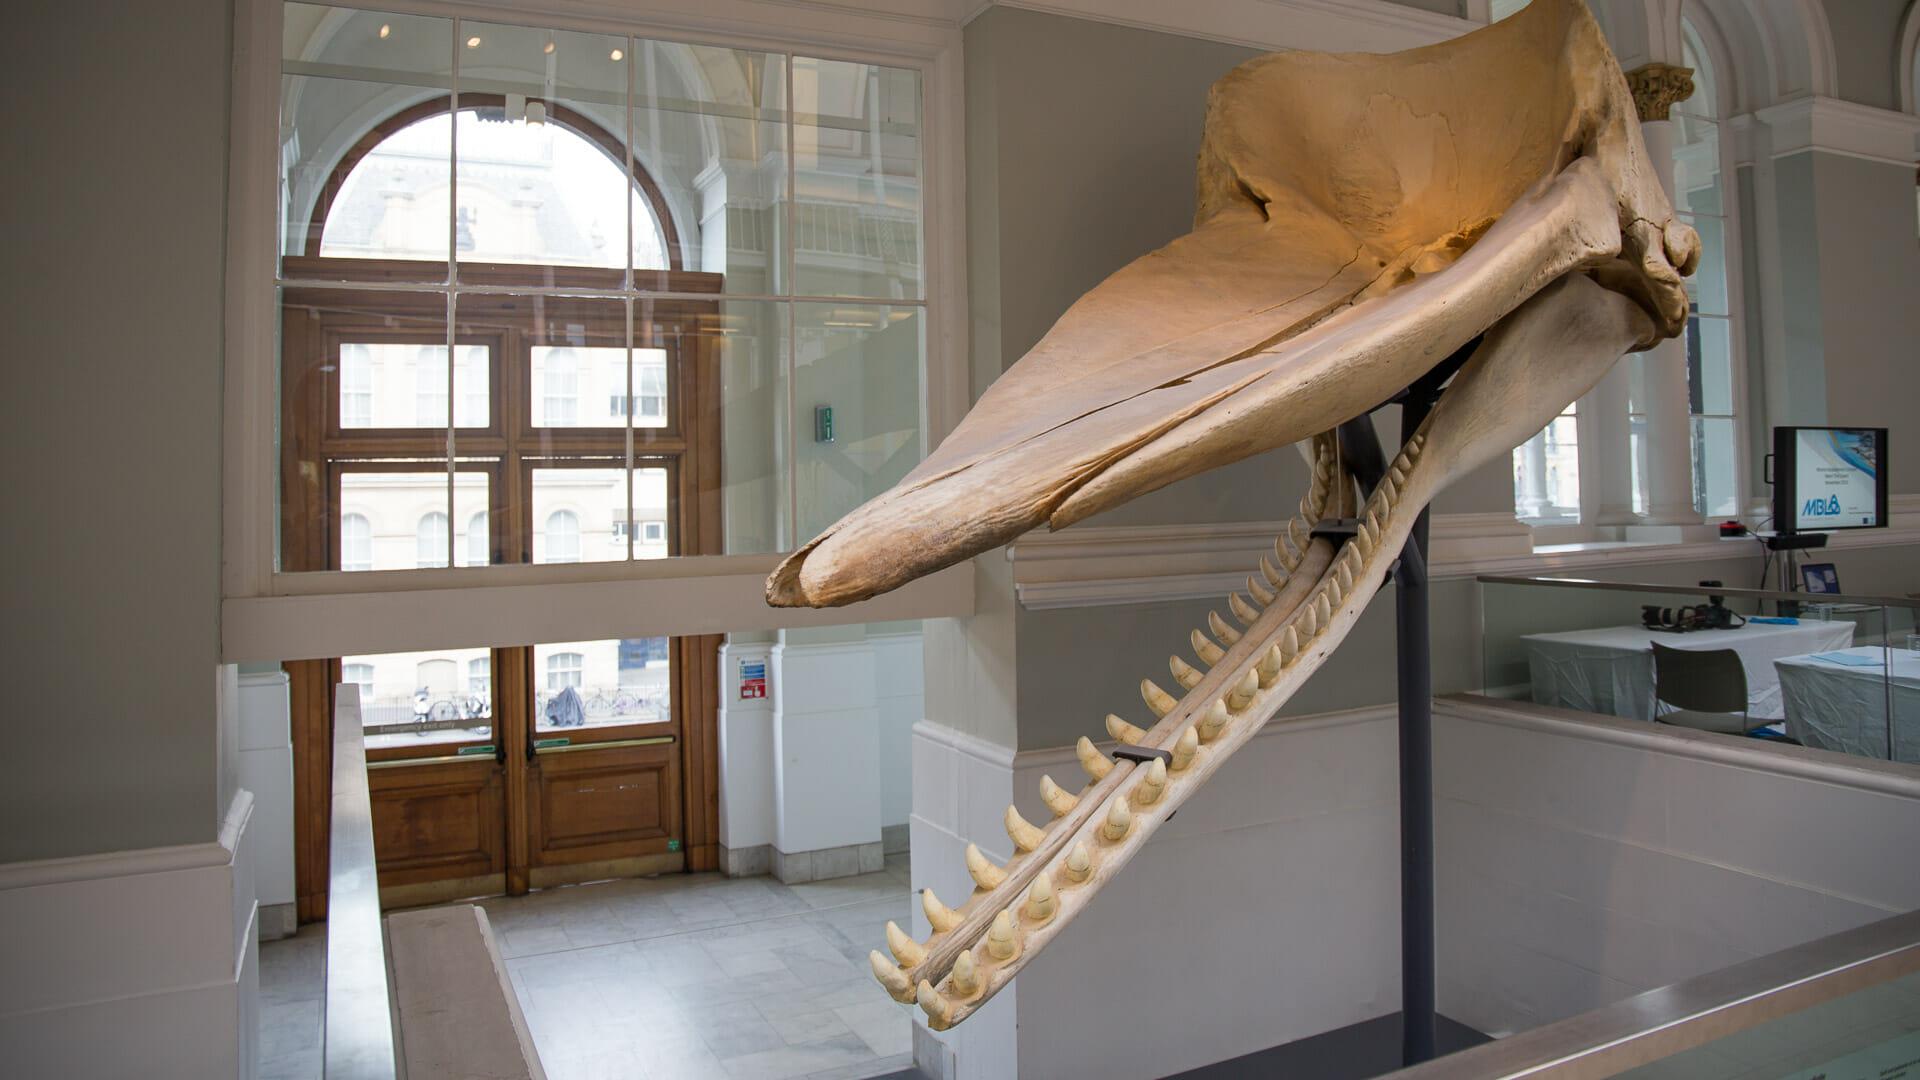 Kopf des Wals Moby